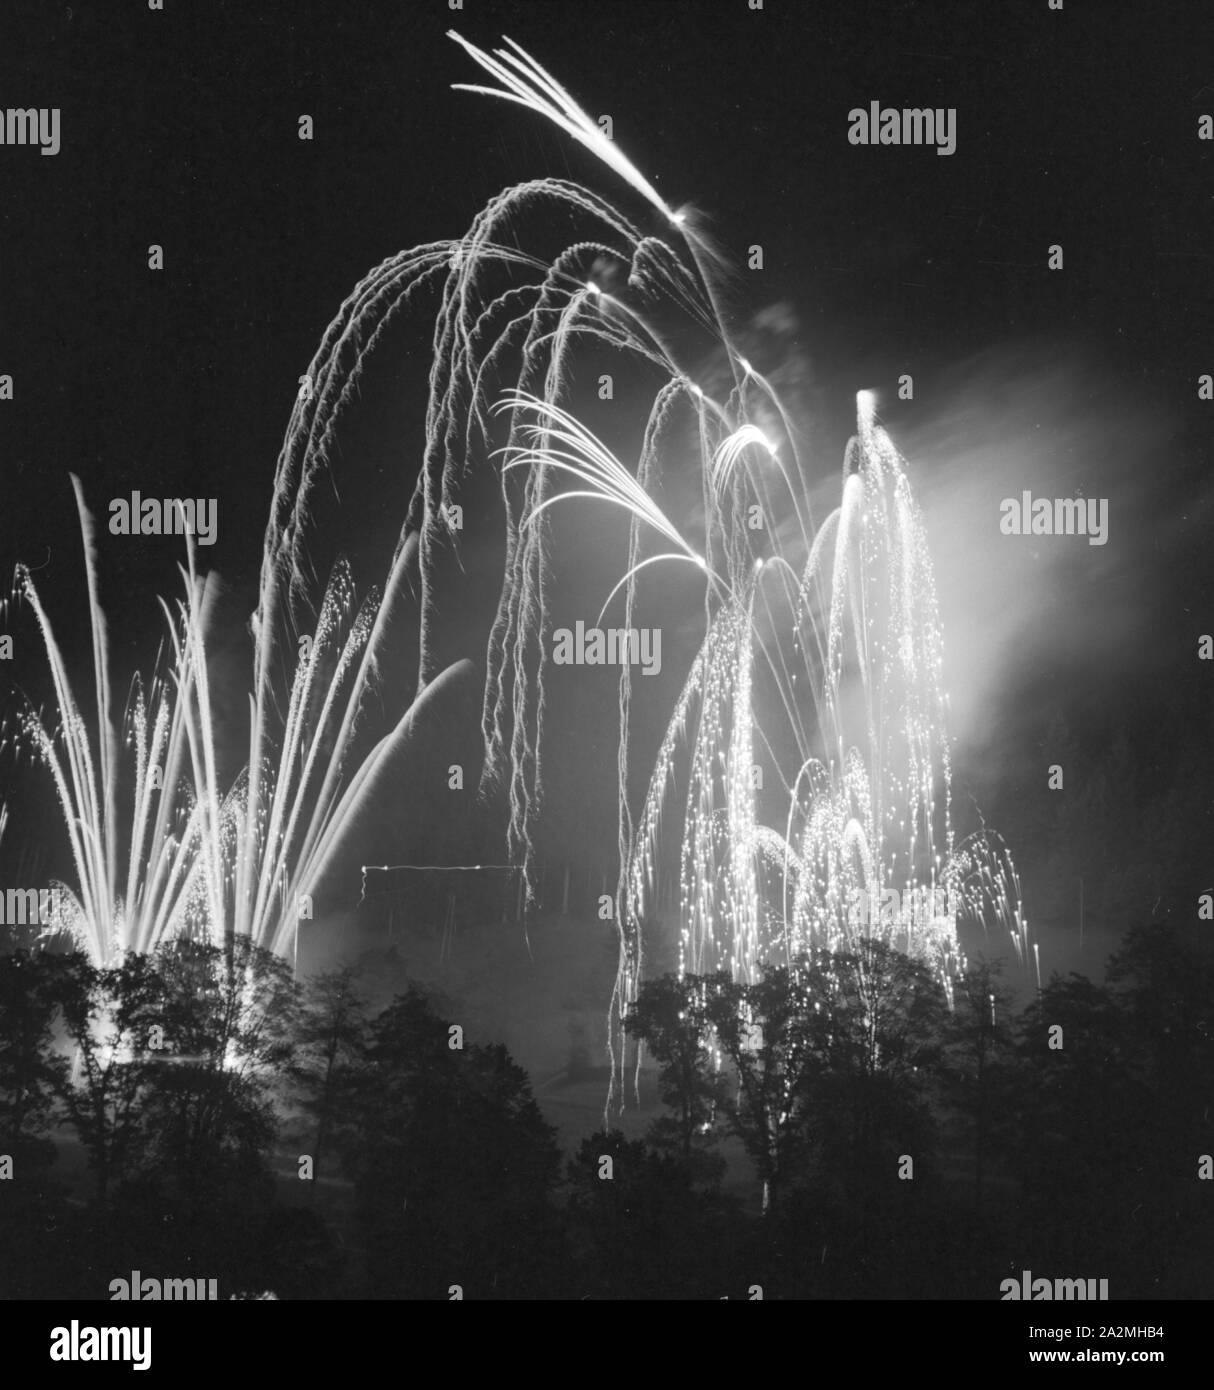 Feuerwerk, Deutschland 1930er Jahre. Fireworks display, Germany 1930s. Stock Photo